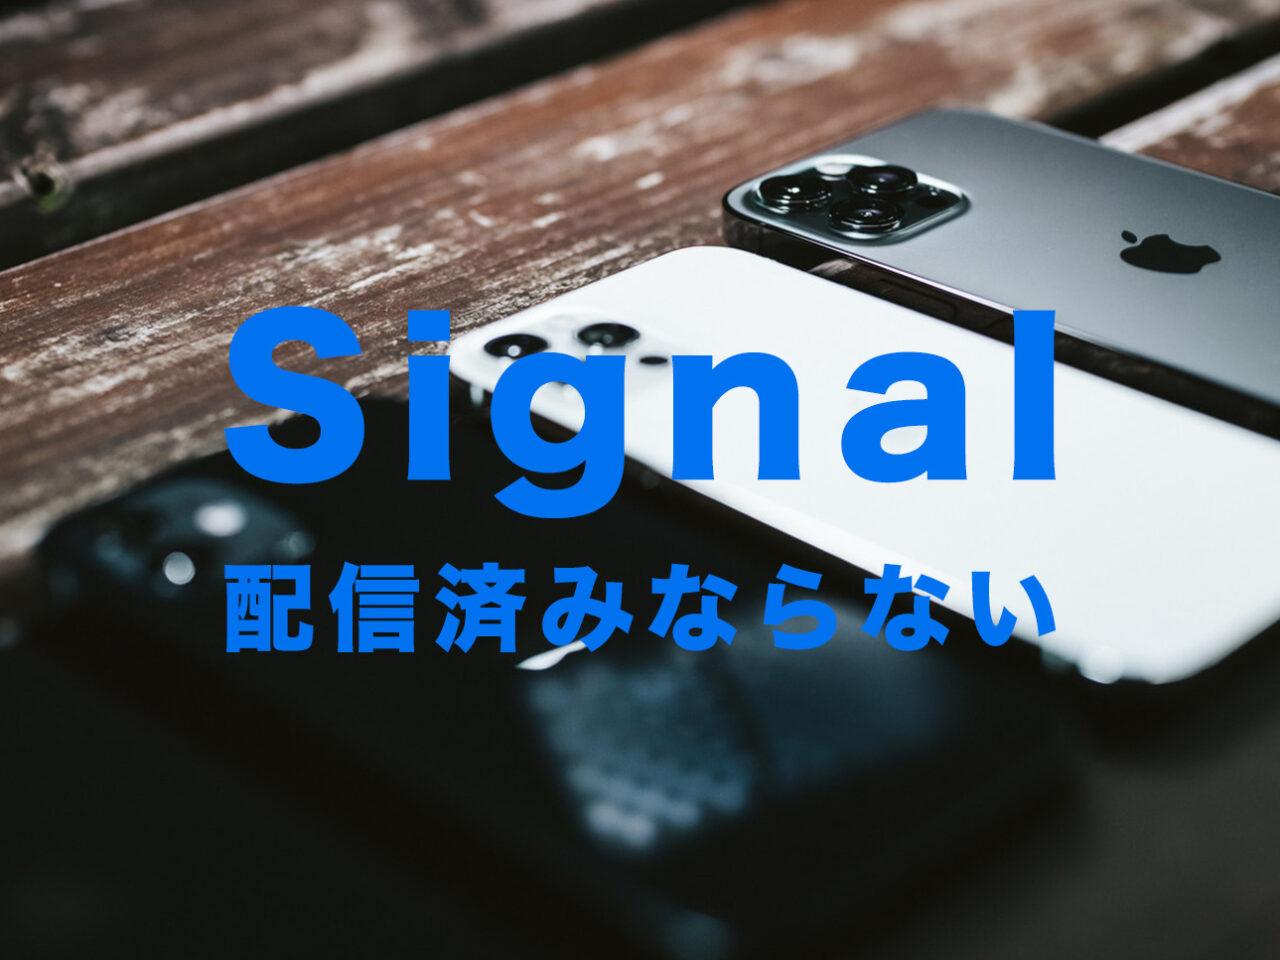 Signal(シグナル)で配信済みにならない場合の原因は?【メッセージアプリ】のサムネイル画像